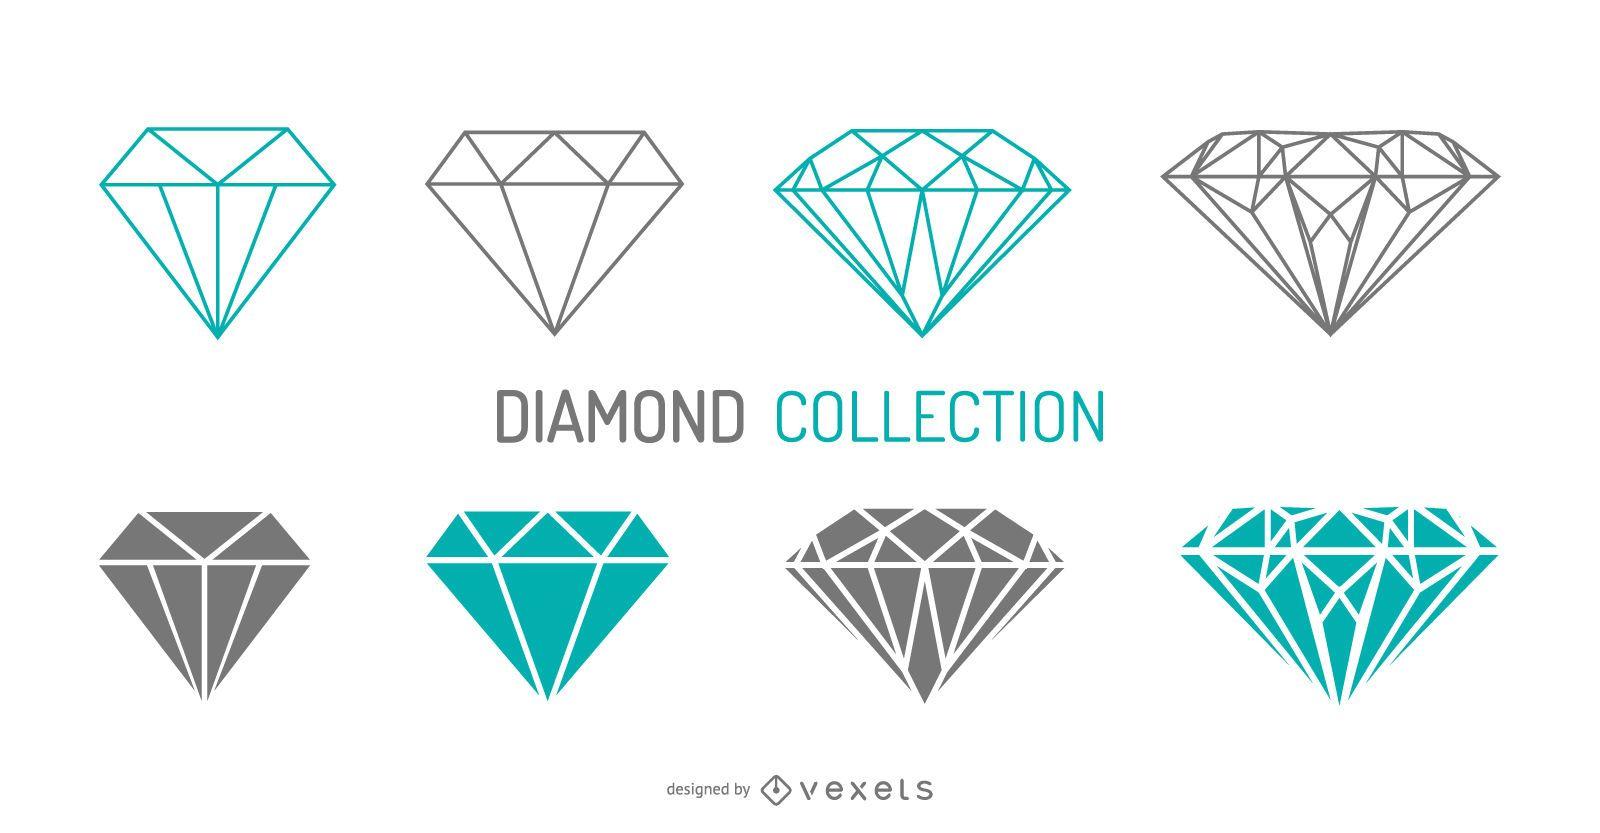 Conjunto de diamantes de trazo